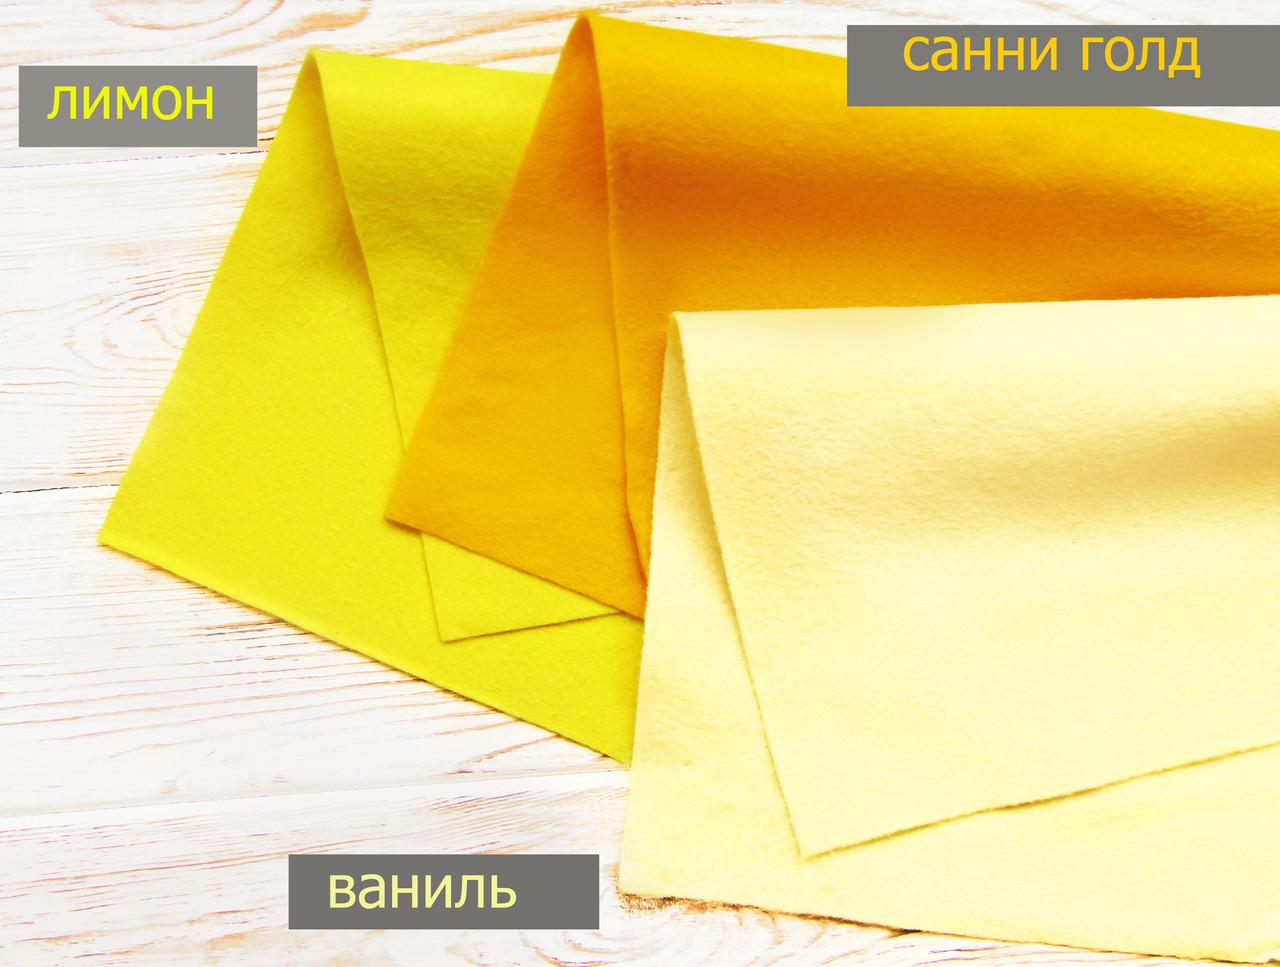 Фетр Rosa листовой 29,7 х 42 см, мягкий, полиэстер , цвет Солнечный желтый